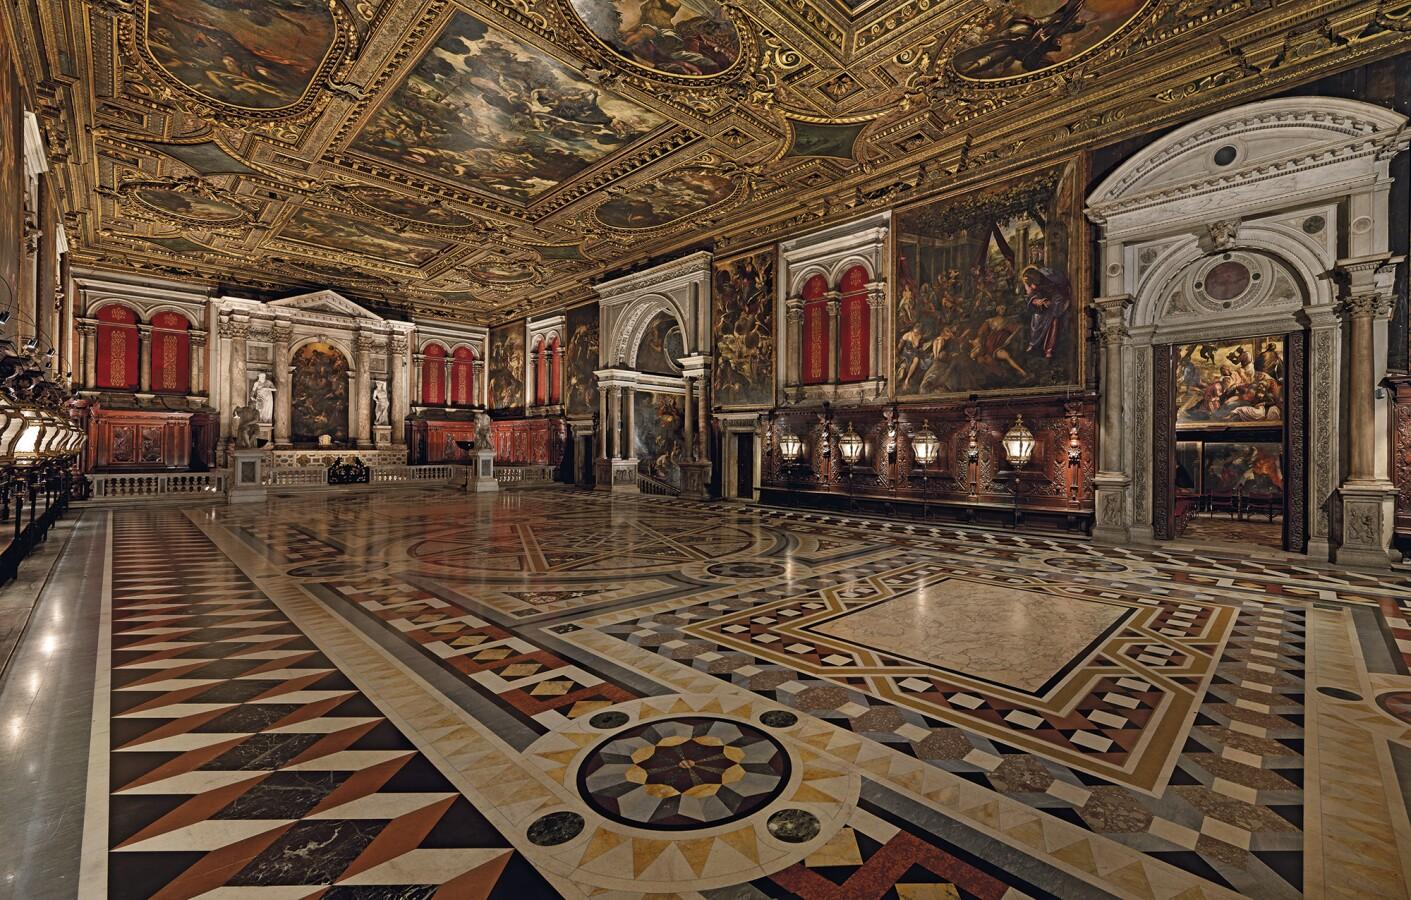 The Salone Superiore in the Scuola Grande di San Rocco